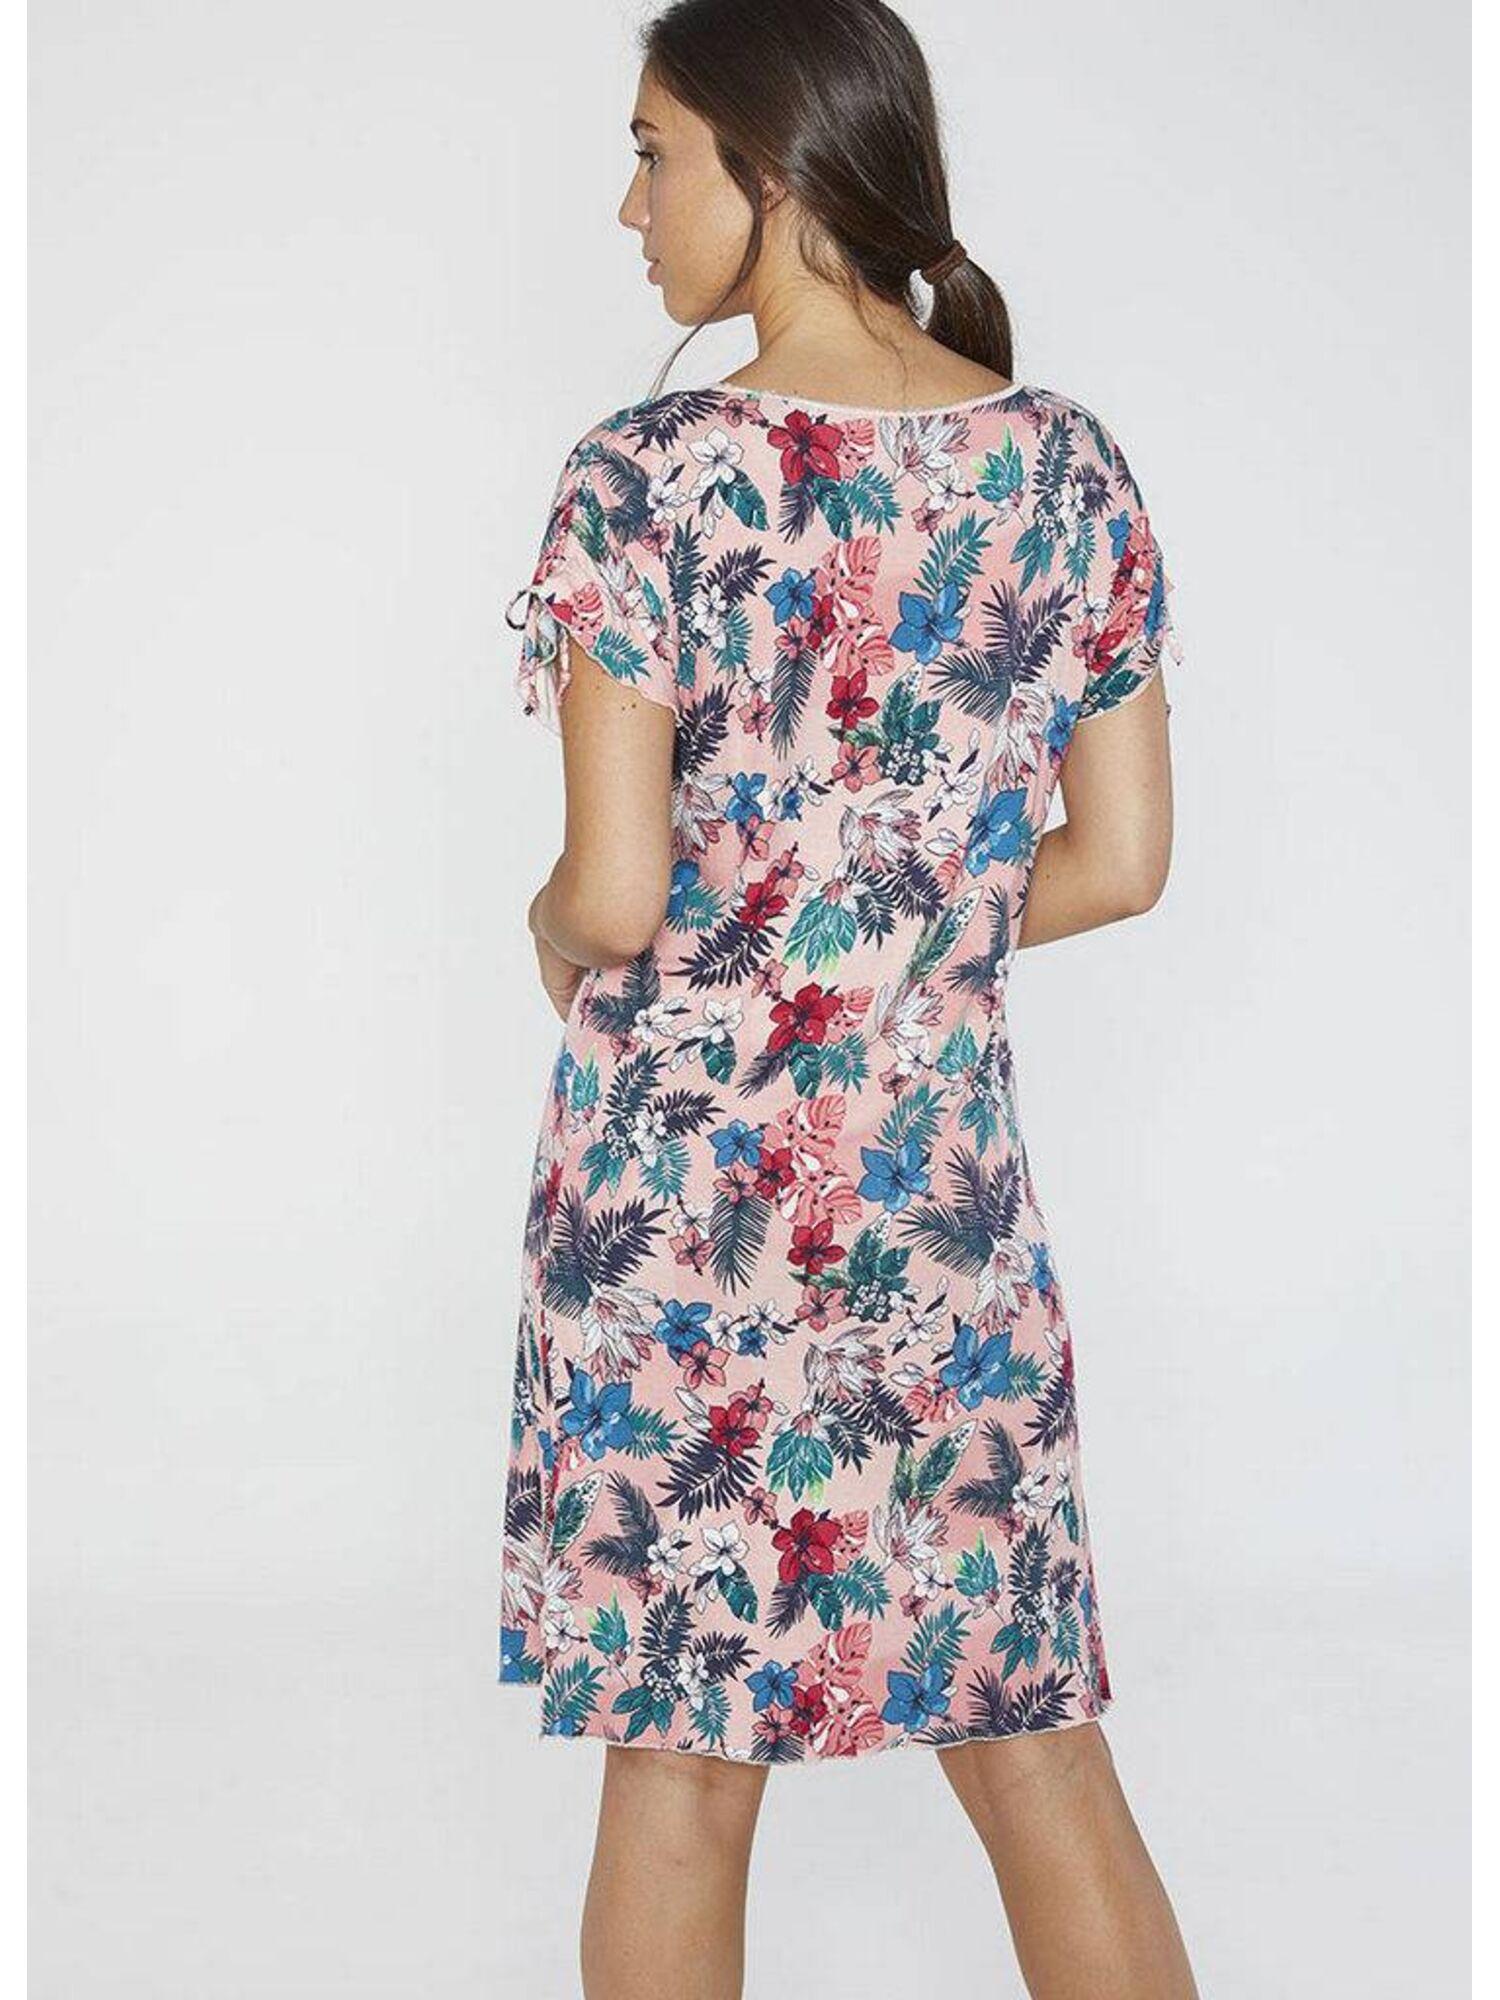 Женское платье пляжное из вискозы 85644 мульти, Ysabel Mora (Испания)